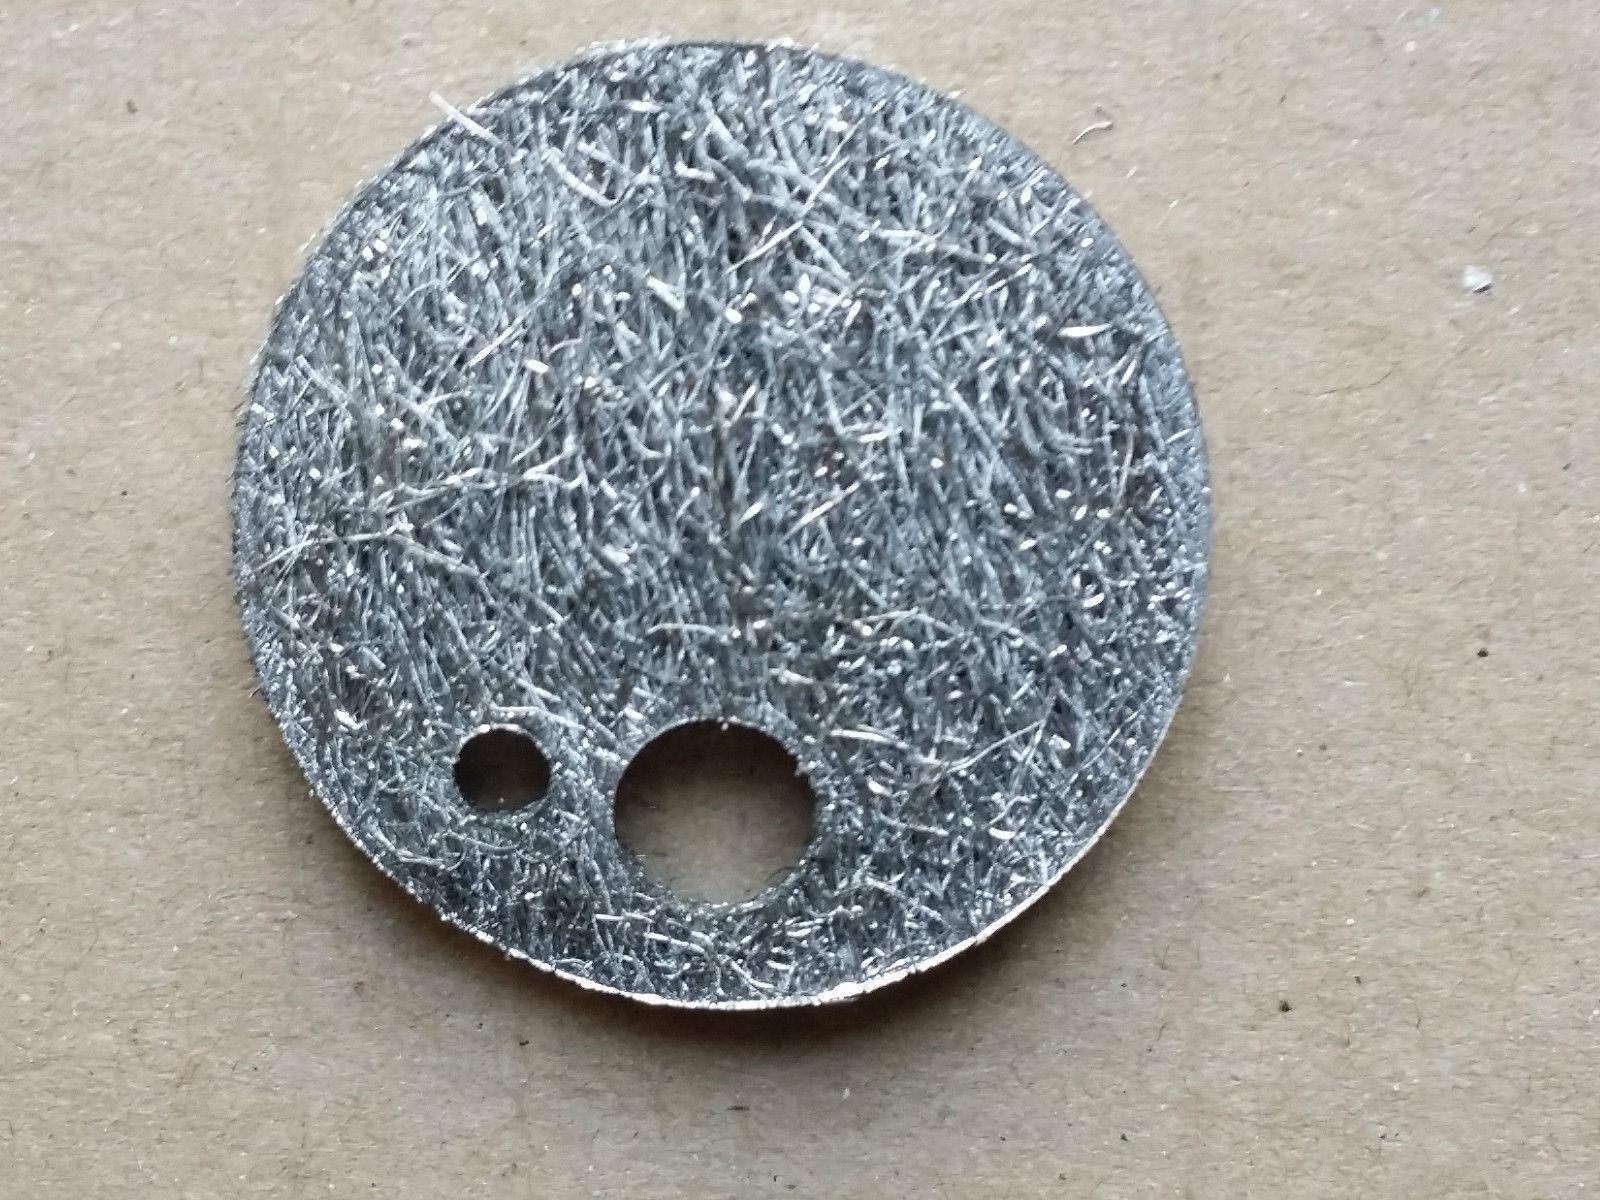 Pantalla de reemplazo del quemador Webasto AT 2000 33 * 3.3mm o 33 * 2.5mm